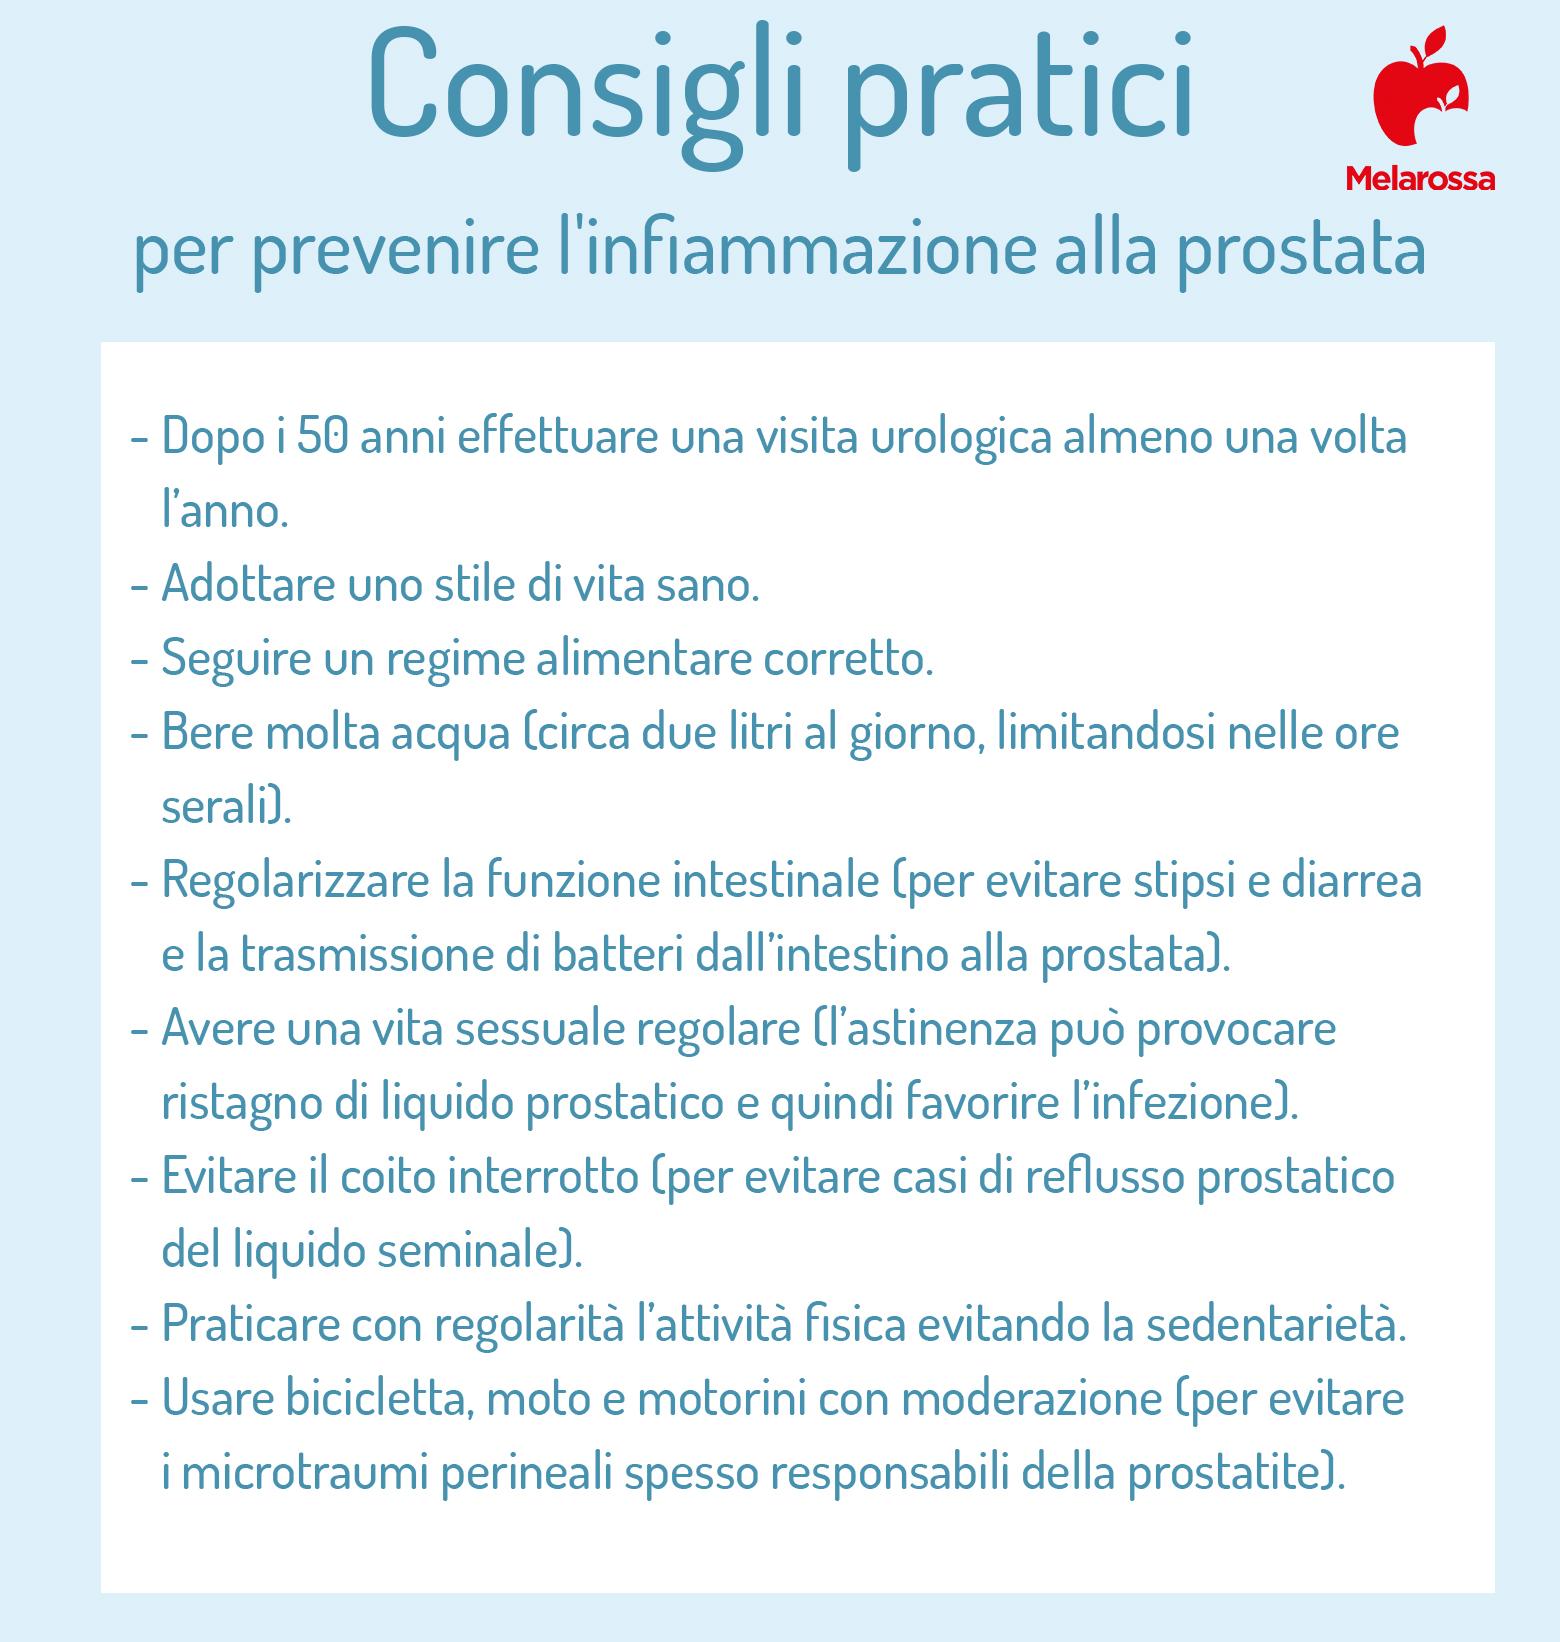 prostatite; prevenzione